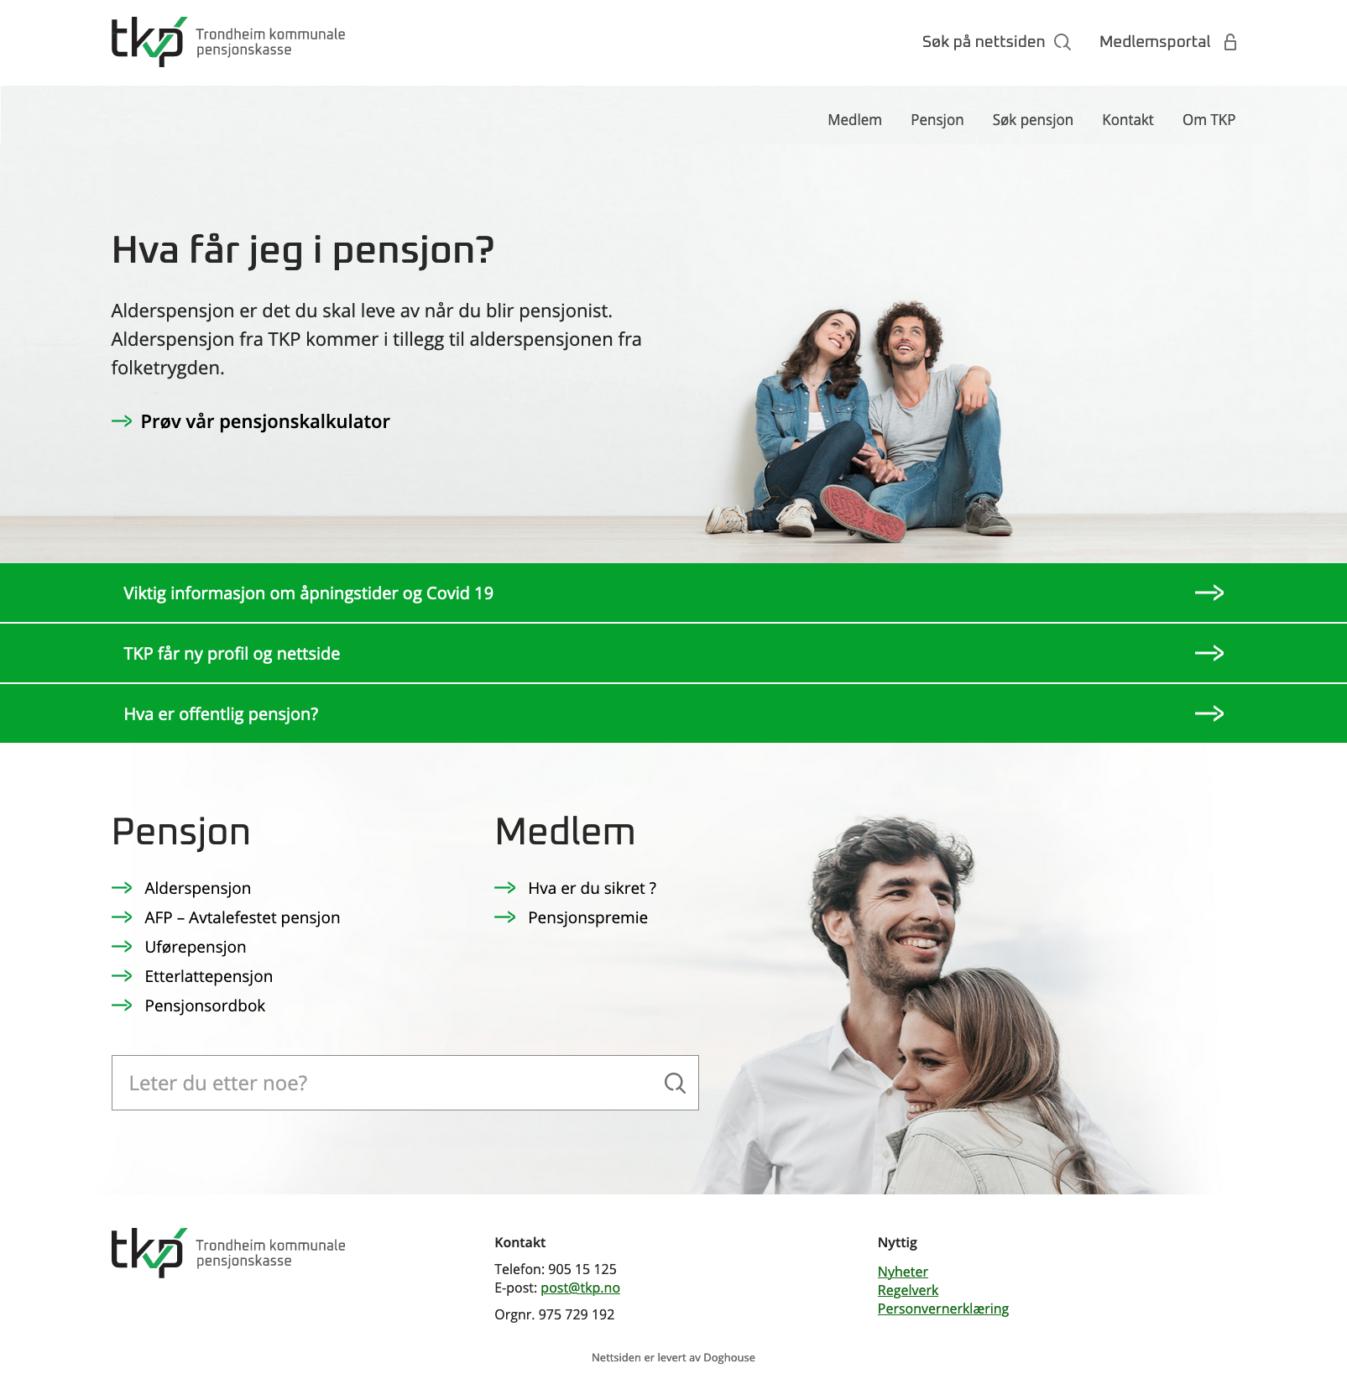 Nettside for Trondheim kommunale pensjonskasse